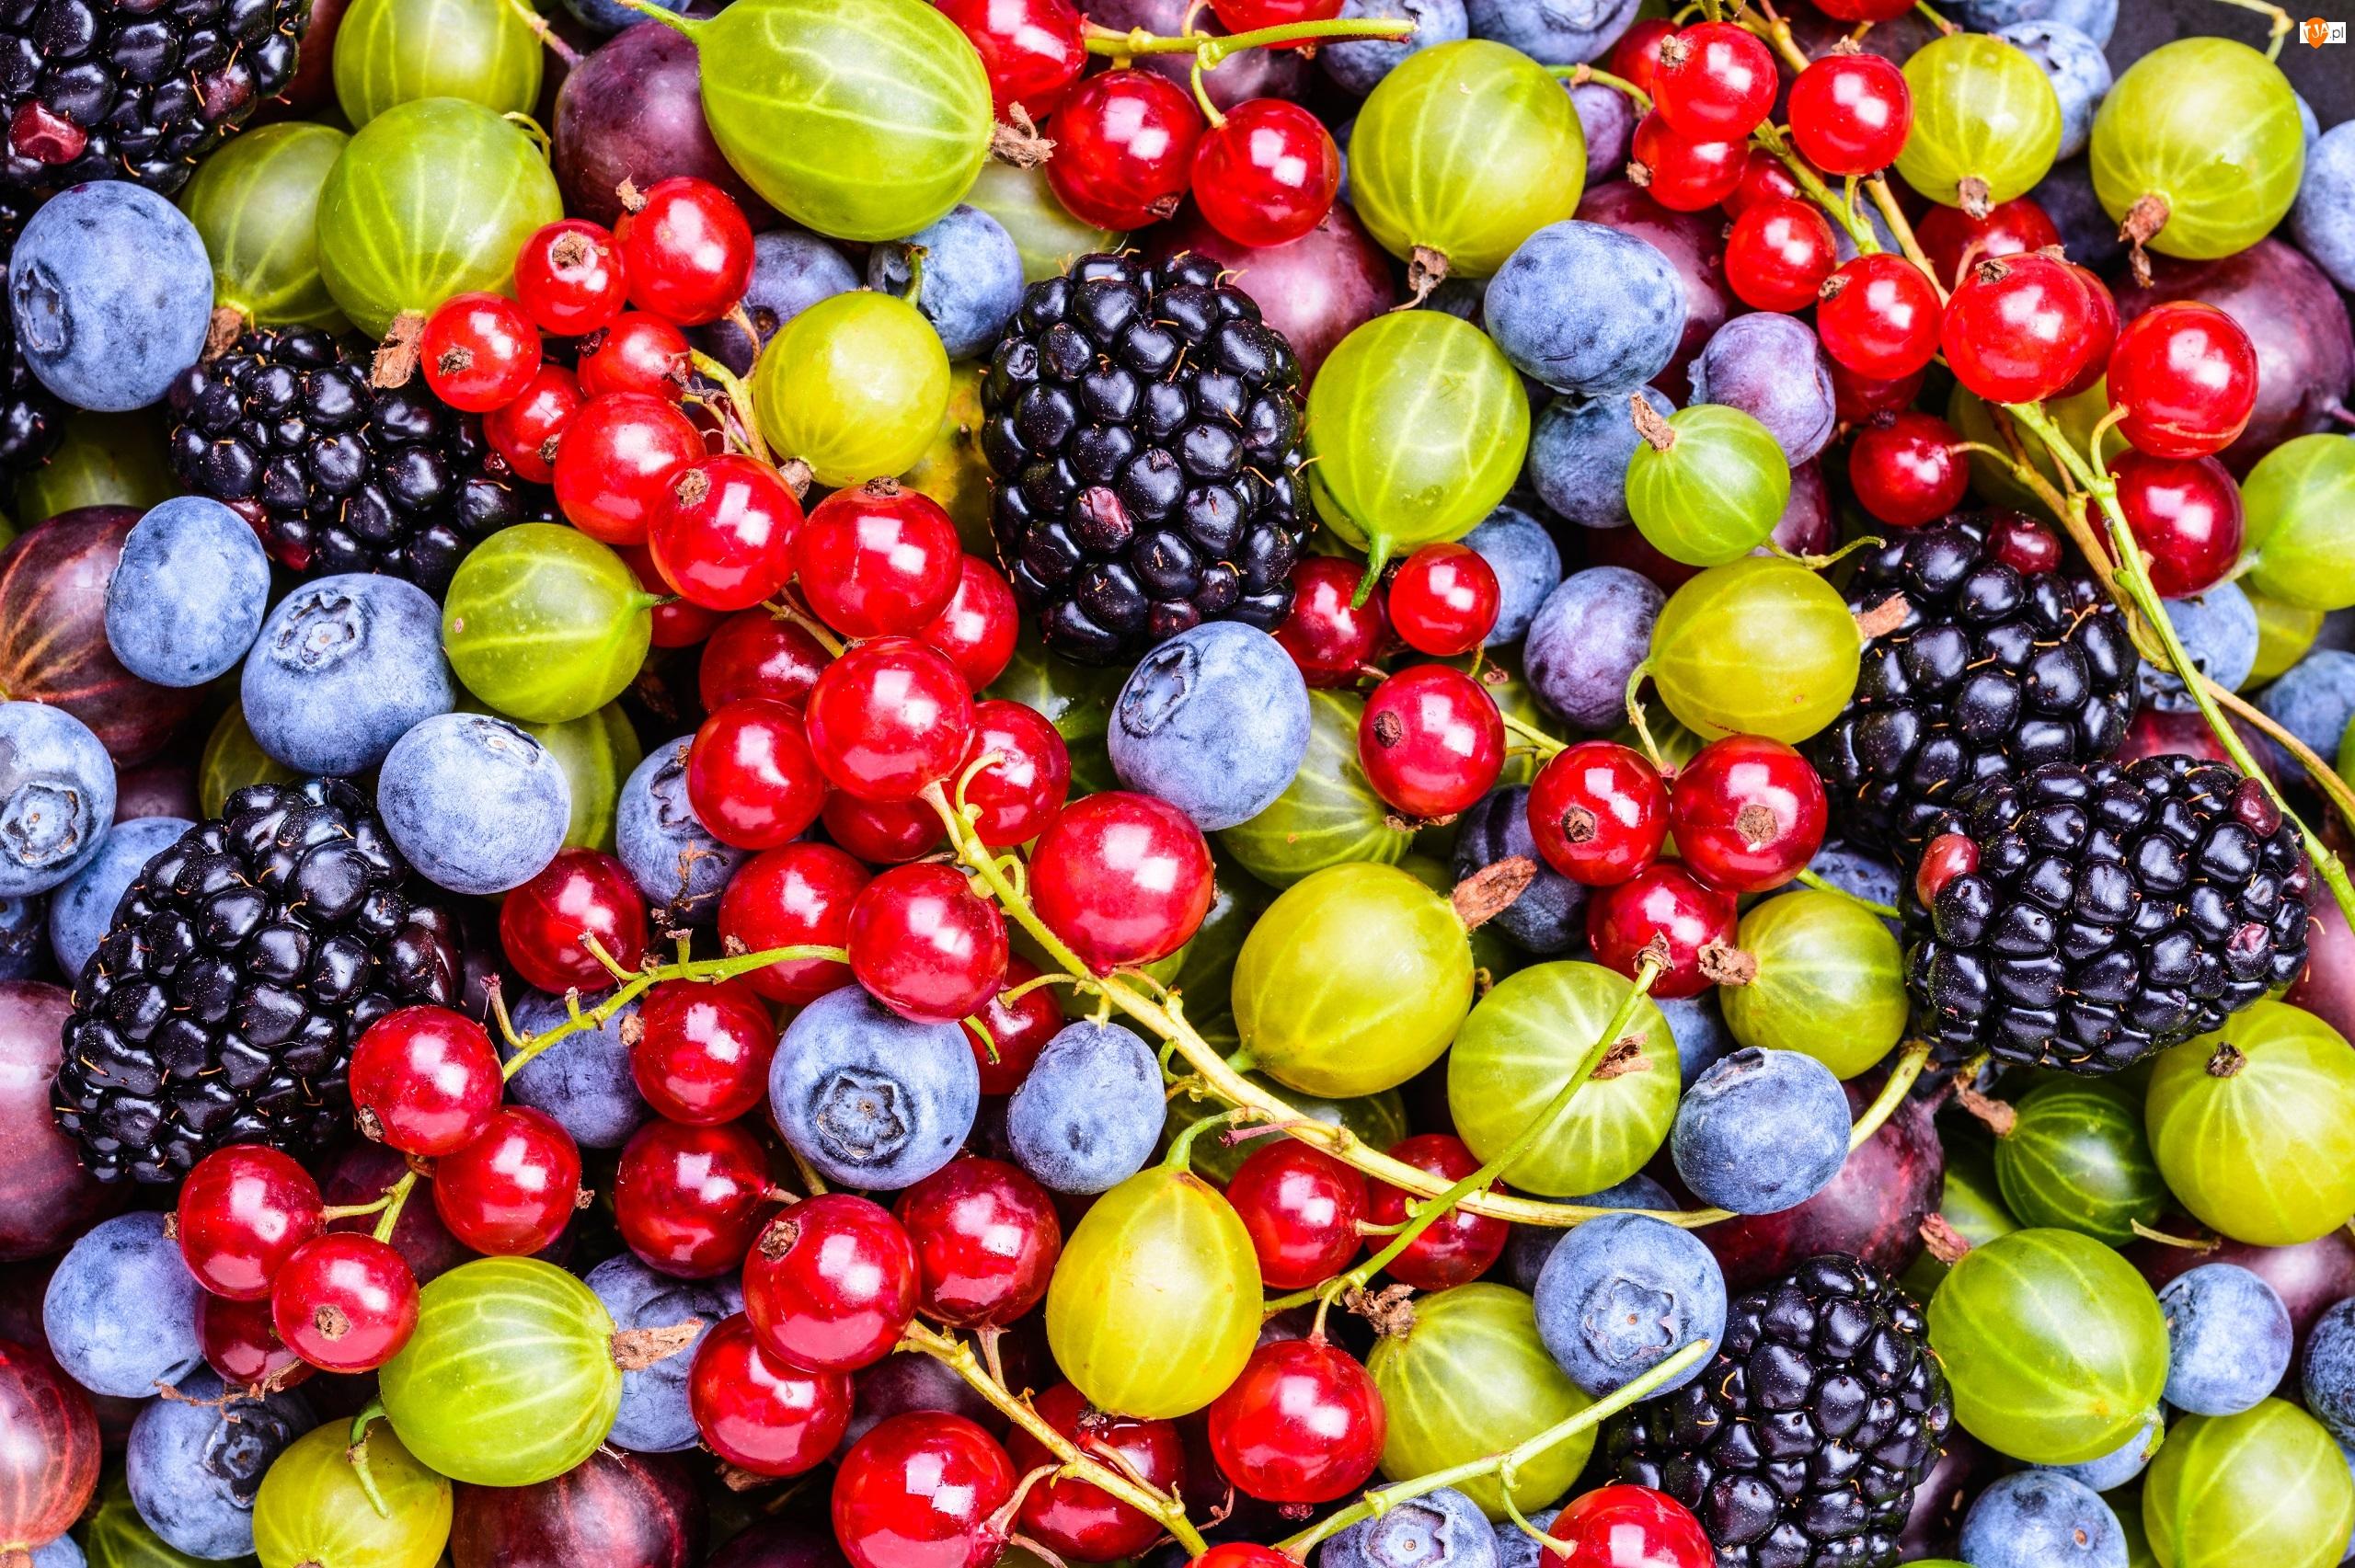 Jeżyny, Owoce, Borówki, Porzeczki, Agrest